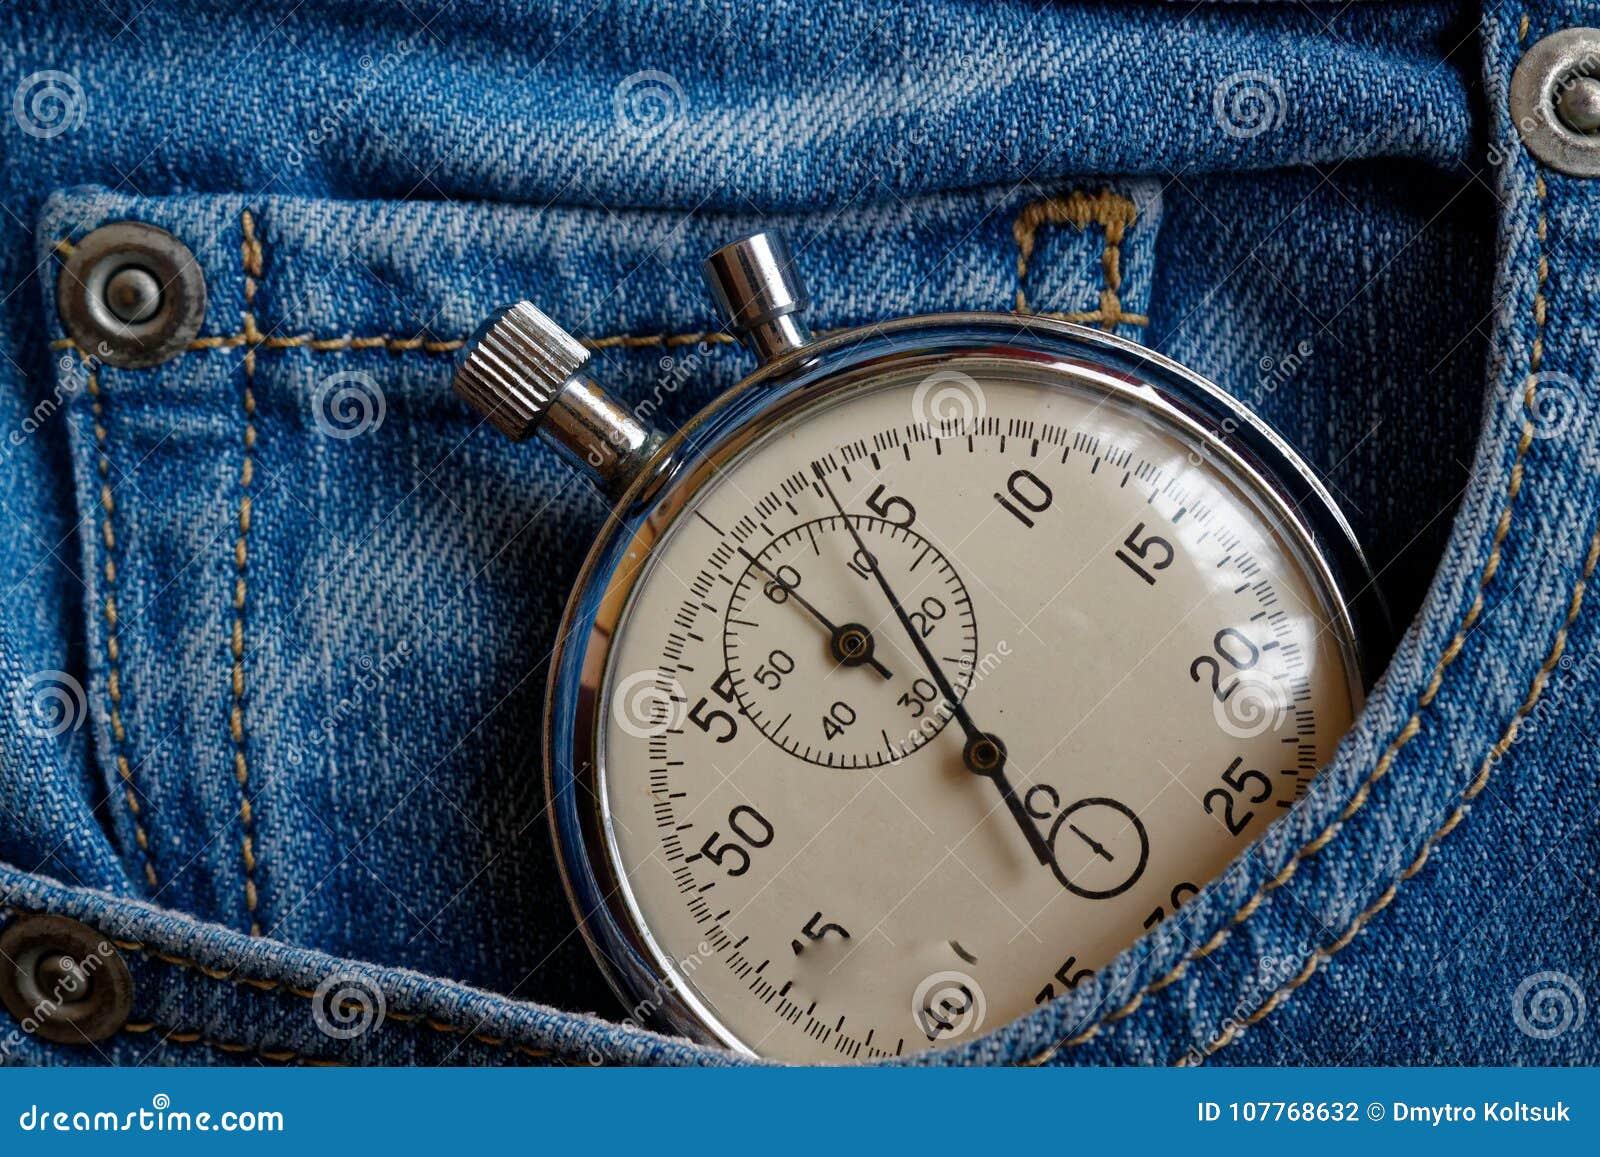 葡萄酒古董秒表,在老被佩带的深蓝牛仔布口袋,价值措施时间,老时钟箭头分钟,第二个准确性定时器